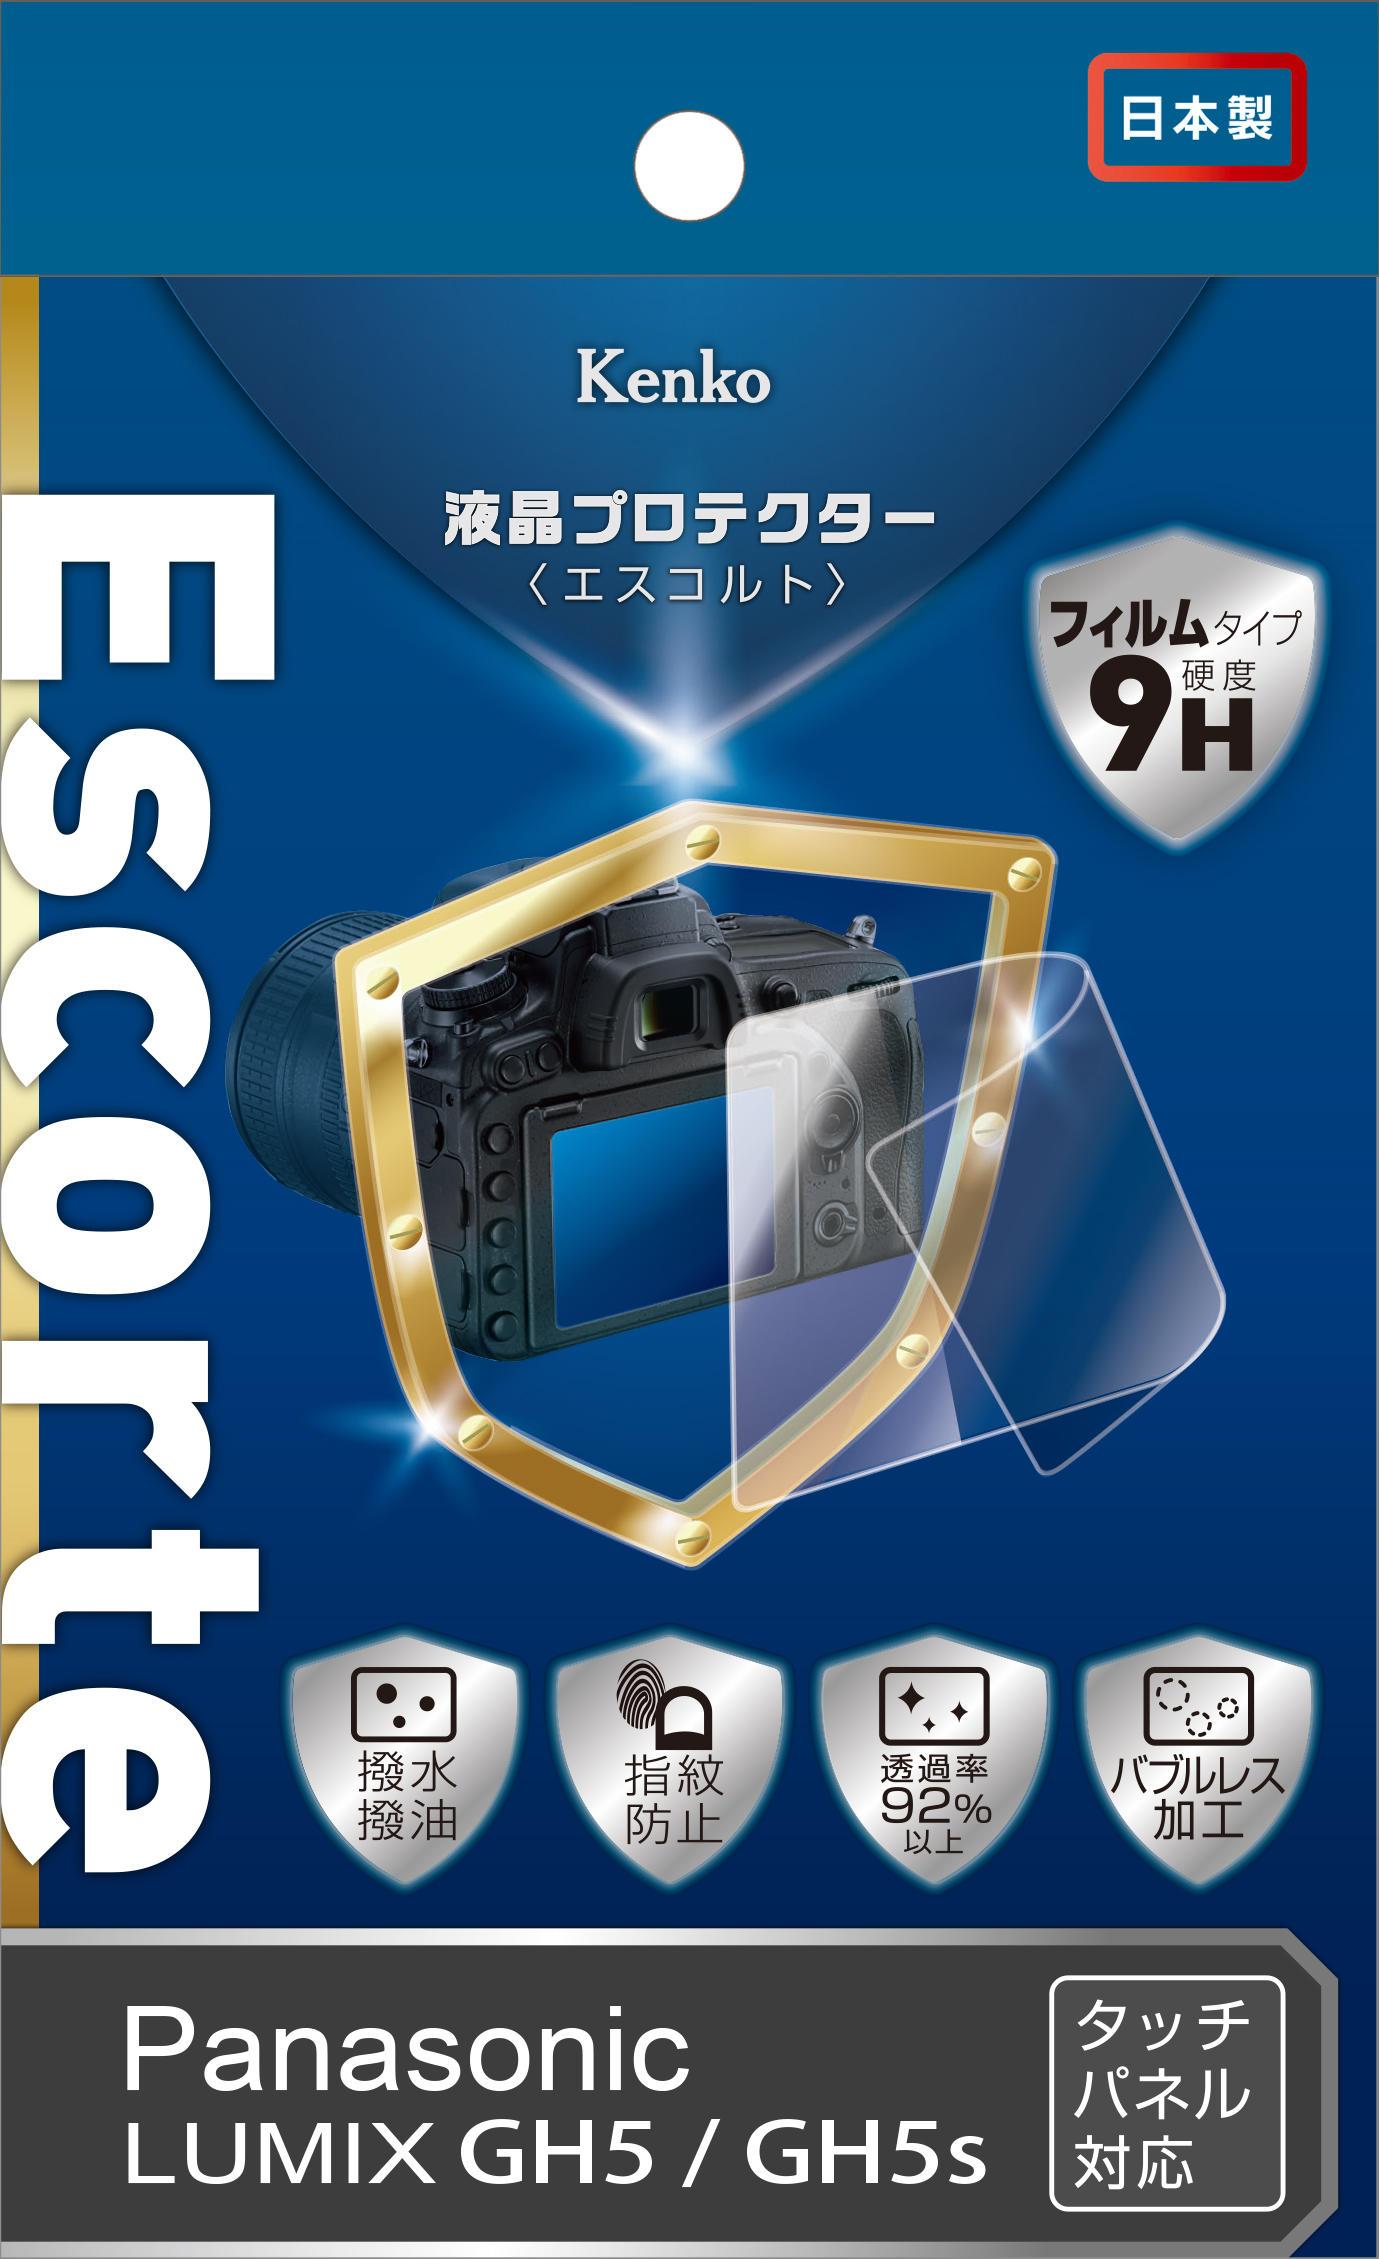 http://www.kenko-tokina.co.jp/imaging/eq/mt-images/4961607719725.jpg